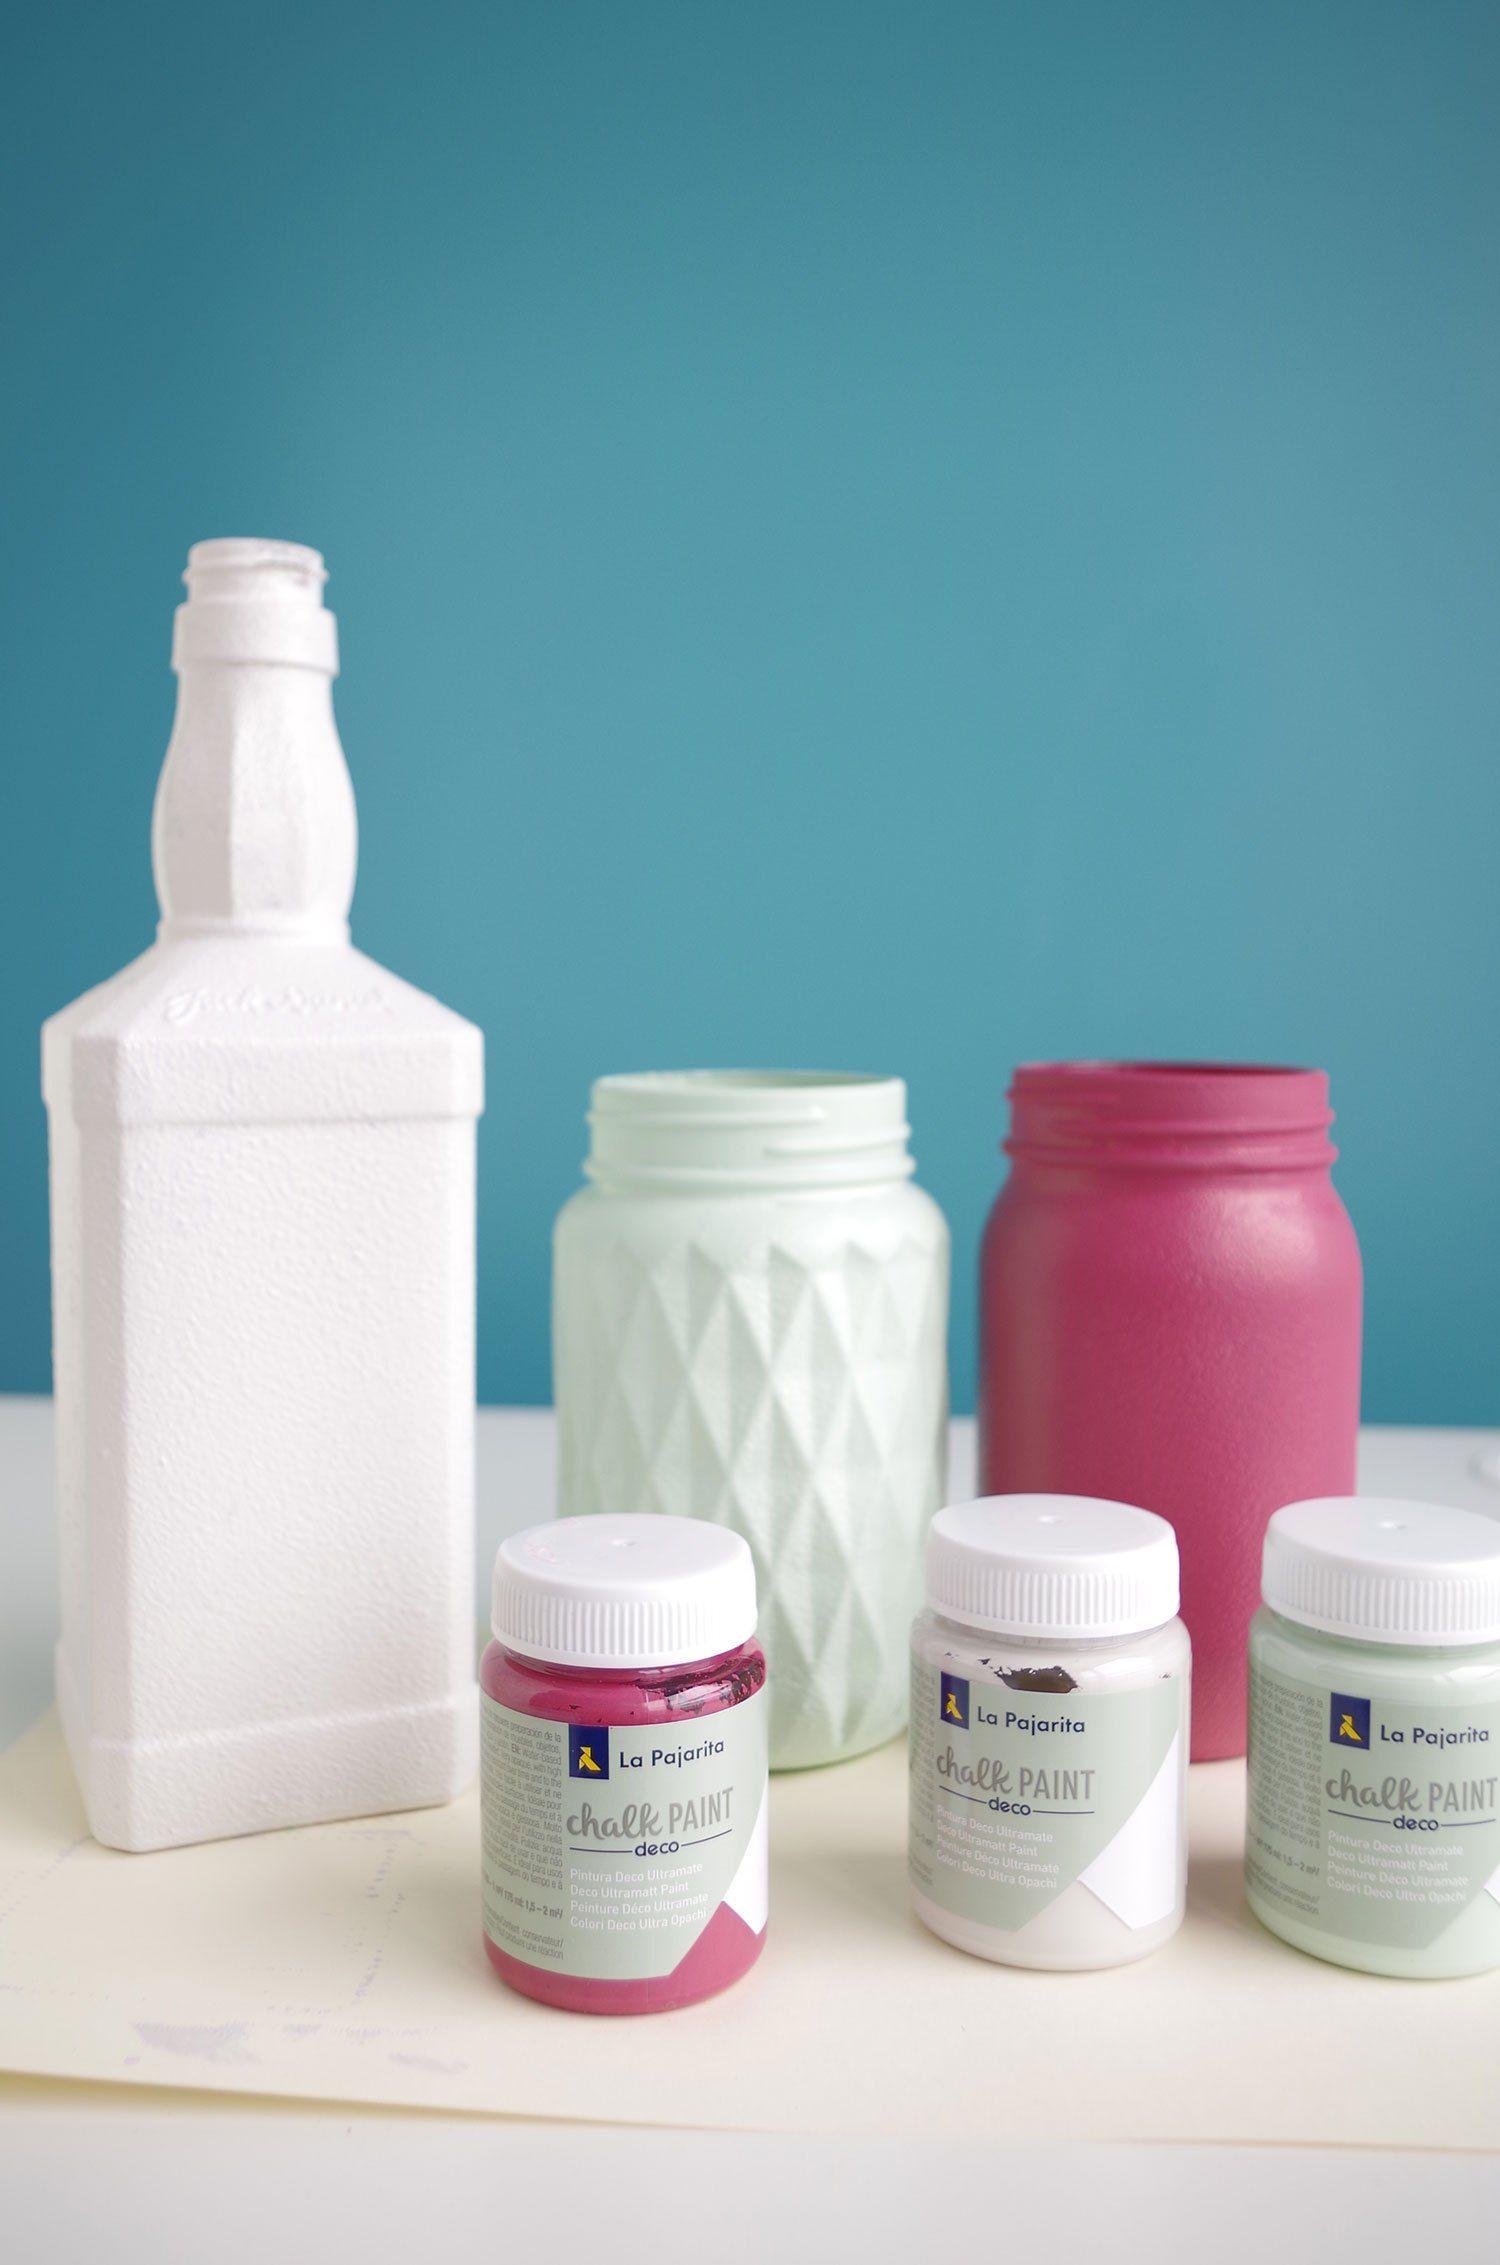 diy – je recycle mes pots de verre en vases | création | pinterest